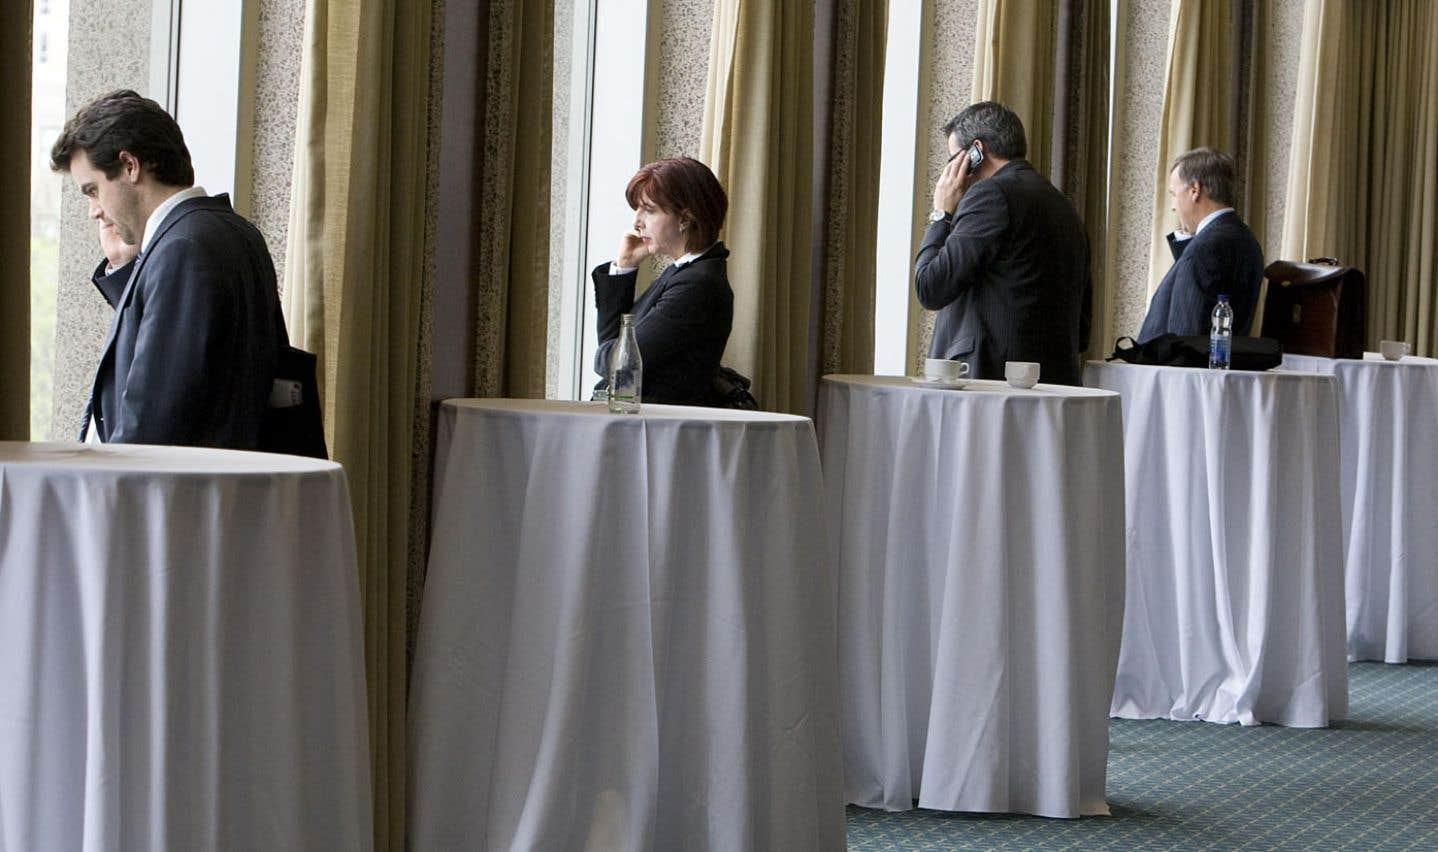 Le nombre de femmes accédant aux postes de haute direction est passé de 38 à 40 % de 2006 à 2010, selon la SPGQ.